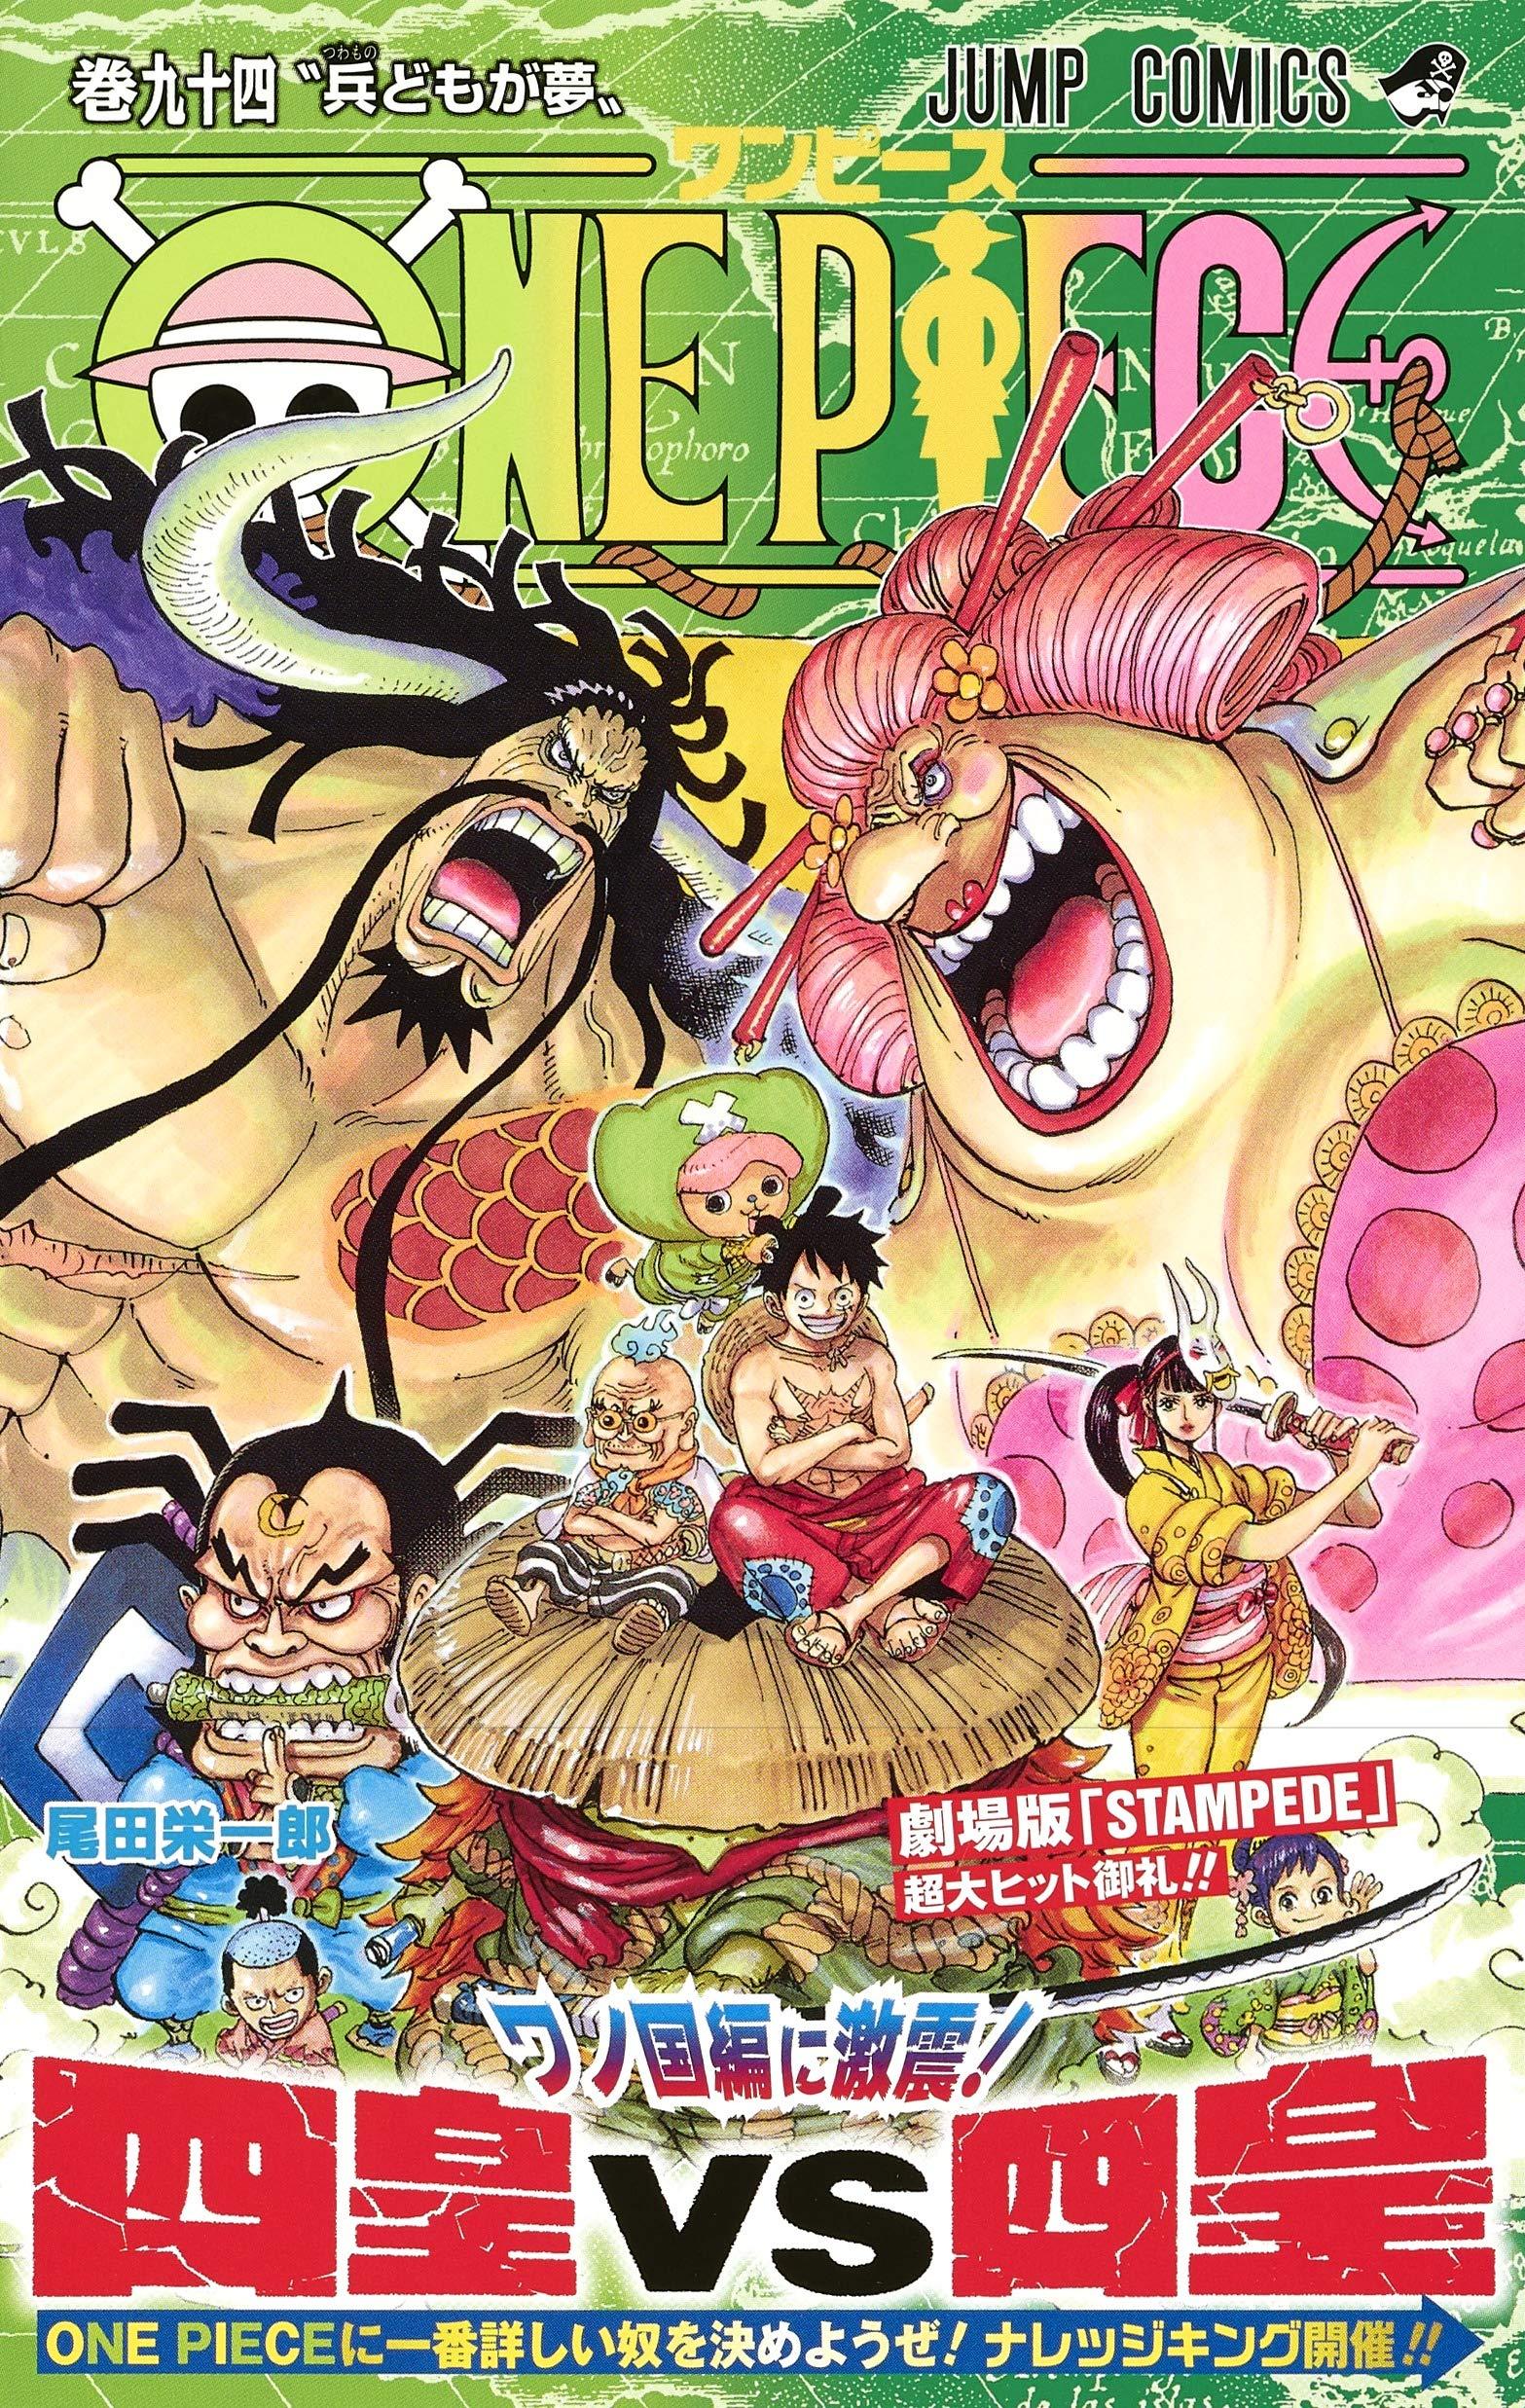 作品 尾田 栄一郎 尾田栄一郎の年収は、約31億円!日本のTOP100の漫画家の年収や、漫画家の年収について詳しく解説いたします。